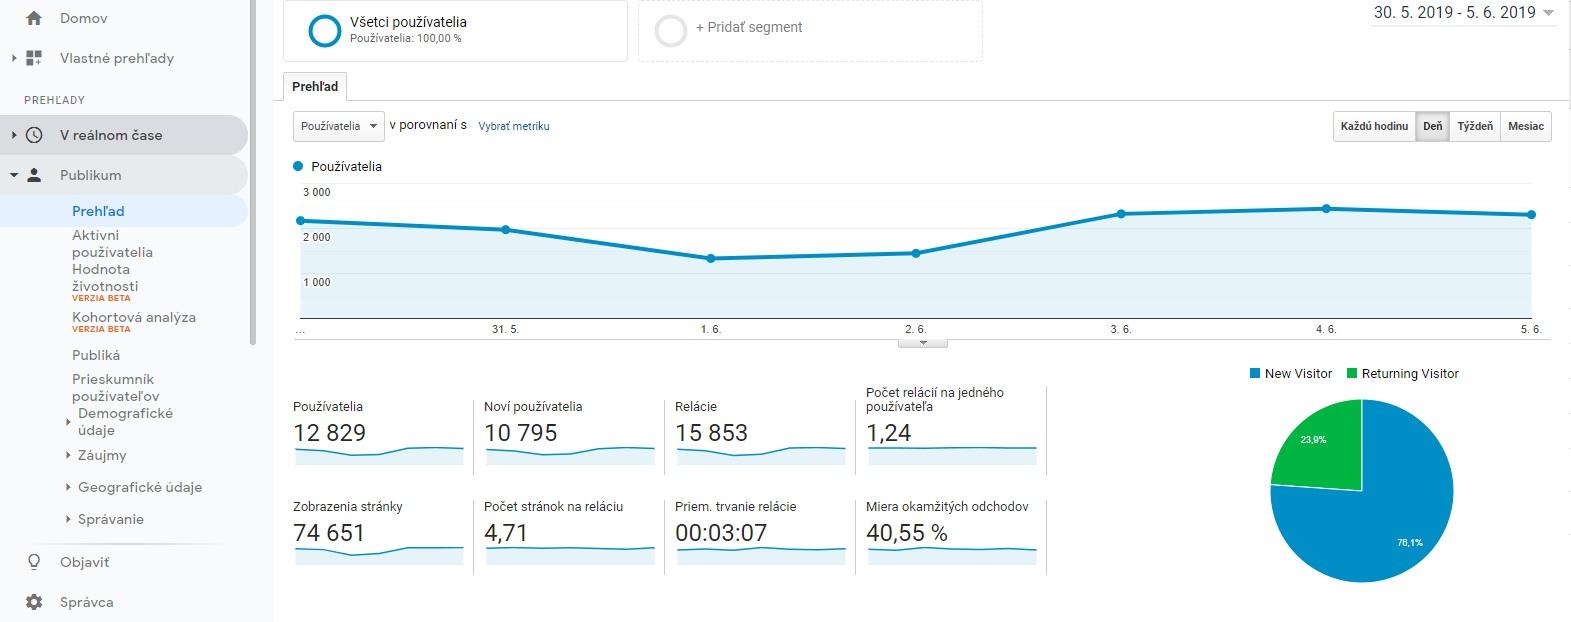 štatistický prehľad na nástenke Google Analytics ukazuje mieru okamžitých odchodov vpravo dolu